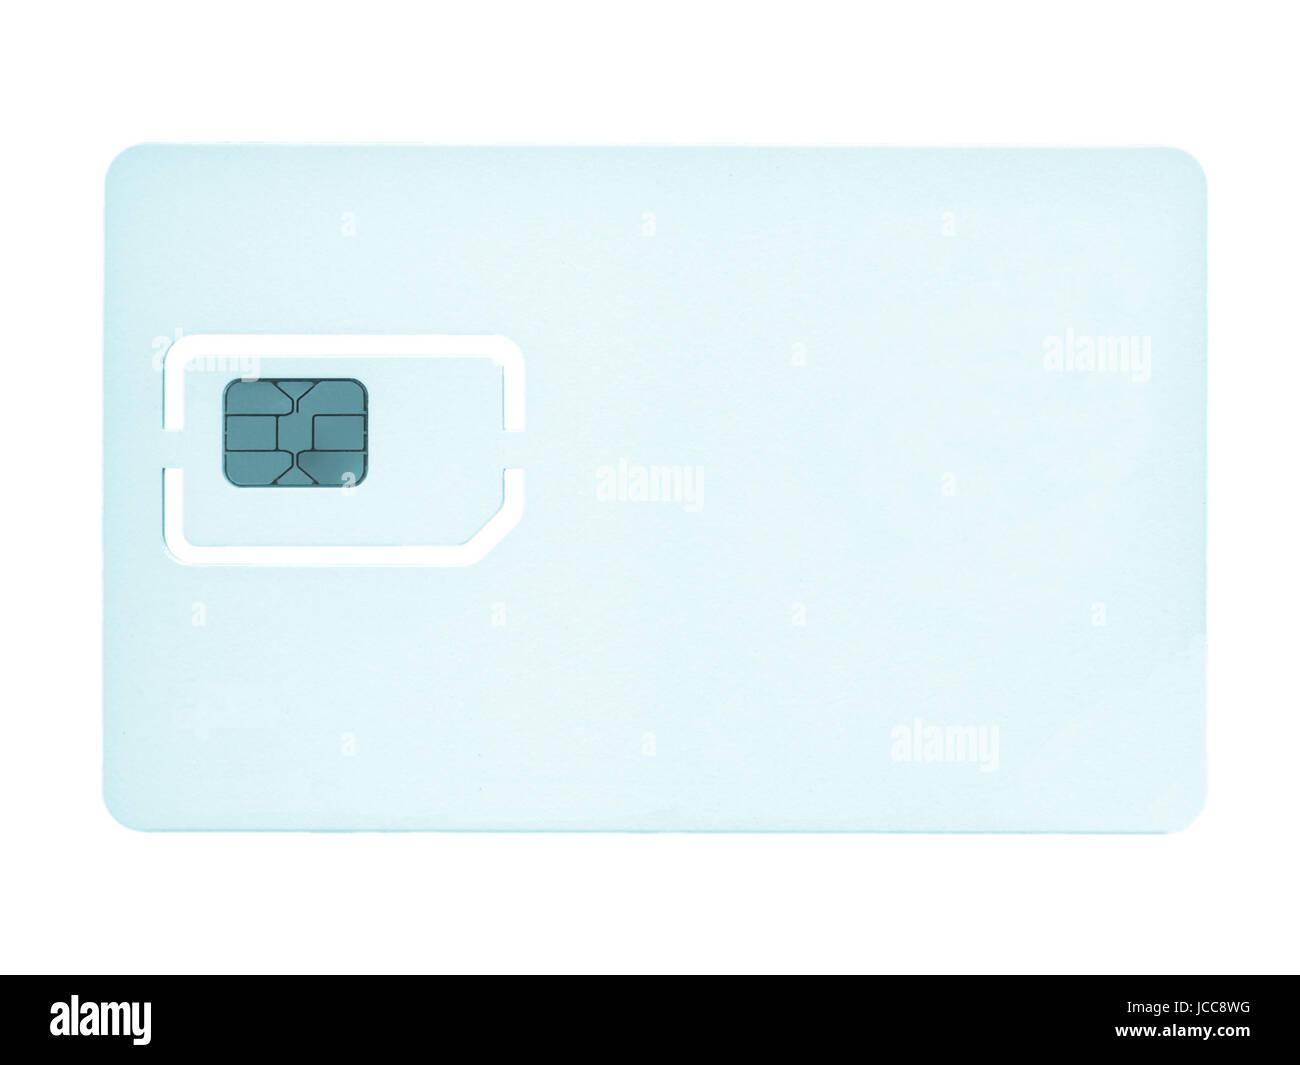 SIM-Karte für Handy oder Smartphone oder Tablet-Computer - cool Cyanotypie Stockbild